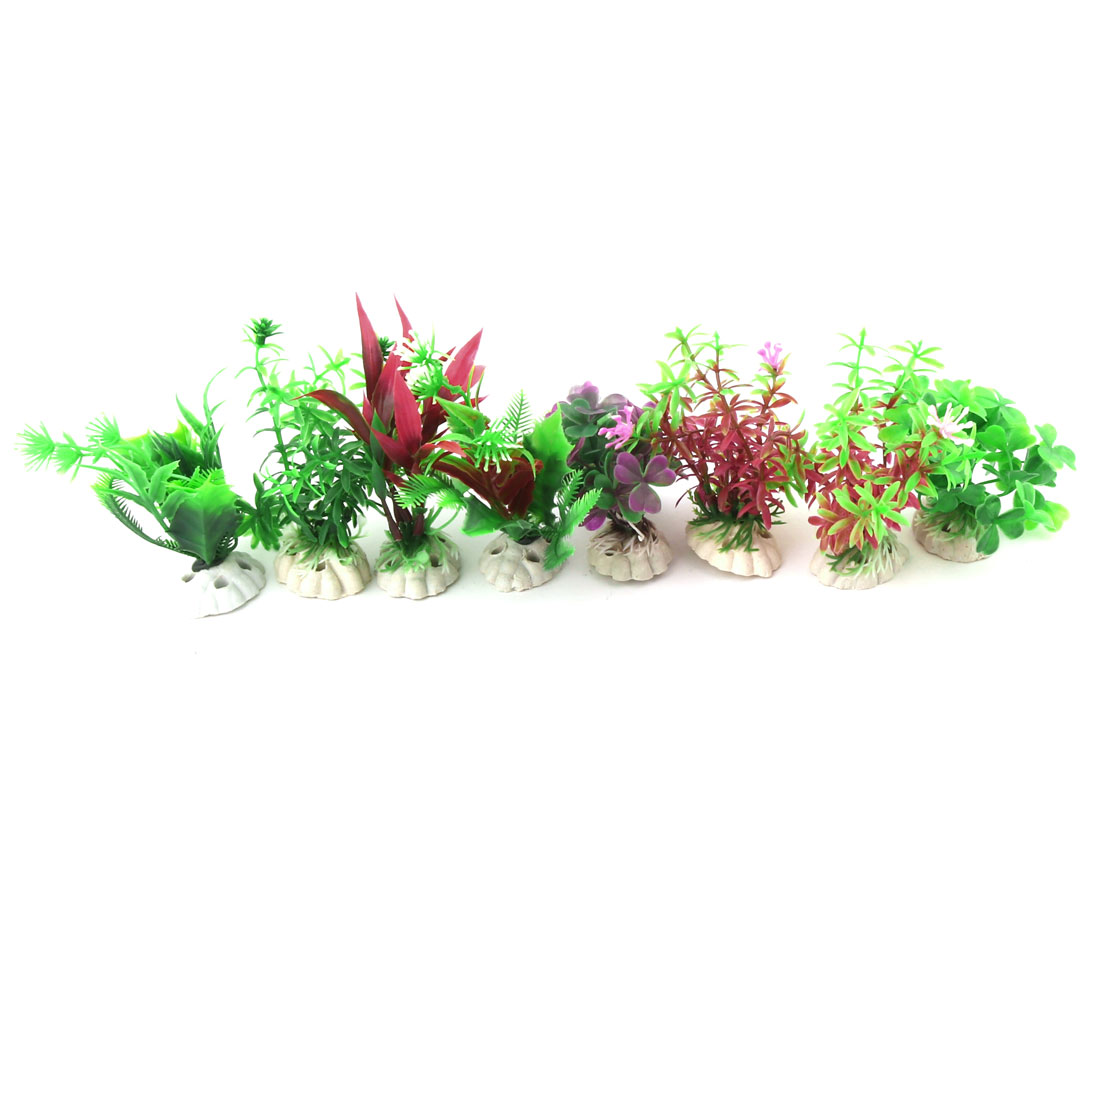 Aquarium Fish Tank Plastic Artificial Ornament Imitation Plants Grass Assorted Color 8 in 1